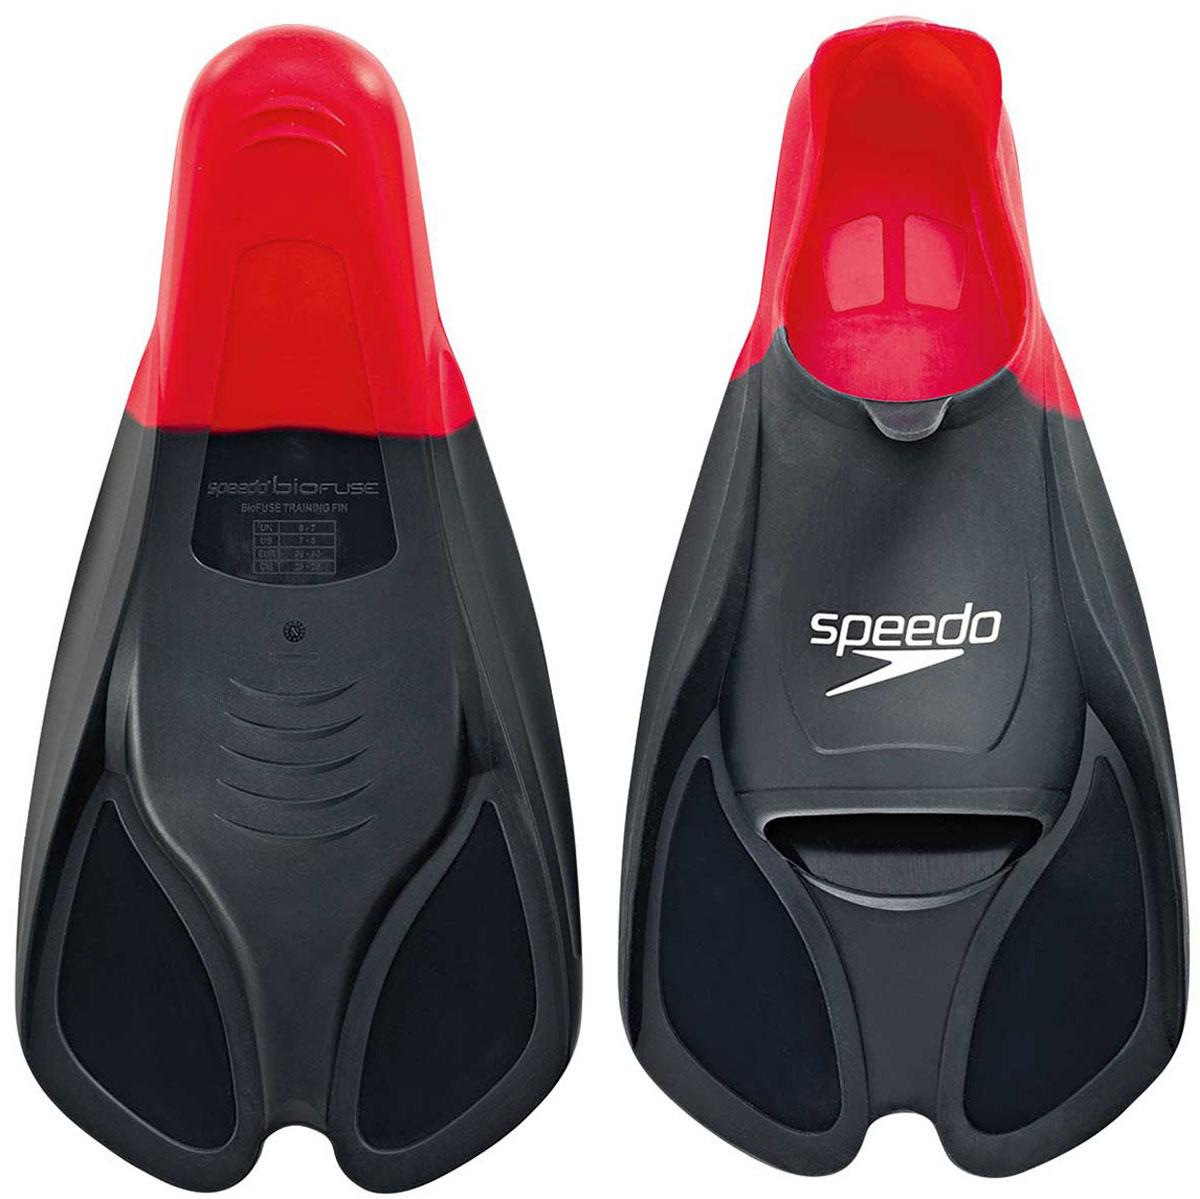 Ласты для плавания Speedo, цвет: красный. Размер 2-3. 8-088413991DRF-F367Ласты Speedo Biofuse Training Fins являются незаменимым аксессуаром для тренировки силы ног, при создании которого использовалась технология SpeedoBiofuse®. Неслучайно эти ласты для плавания предпочитает использовать многократный олимпийский чемпион Майкл Фелпс. Достаточно жесткие лопасти позволяют создать мощную тягу в воде при естественном темпе работы ног. Специальный узор на поверхности подошвы позволяет получить надежное сцепление с поверхностью бассейна. Форма башмака Speedo Biofuse Training Fin способствует развитию гибкости стопы, что позволяет сделать работу ног более эффективной. Башмак изготовлен из мягкого силикона, который не натирает кожу и прекрасно растягивается. Ласты для плавания Speedo Biofuse Tech Fin отлично подходят для тренировки работы ног в спринте, а также для повышения качества работы ног во время обучения плаванию.Специалисты Proswim.ru рекомендуют Speedo Biofuse Training Fin спортсменам-спринтерам, а также всем, кто имеет желание увеличить силу ног. Ласты для плавания станут вашим лучшим помощником на пути совершенствования работы ног.